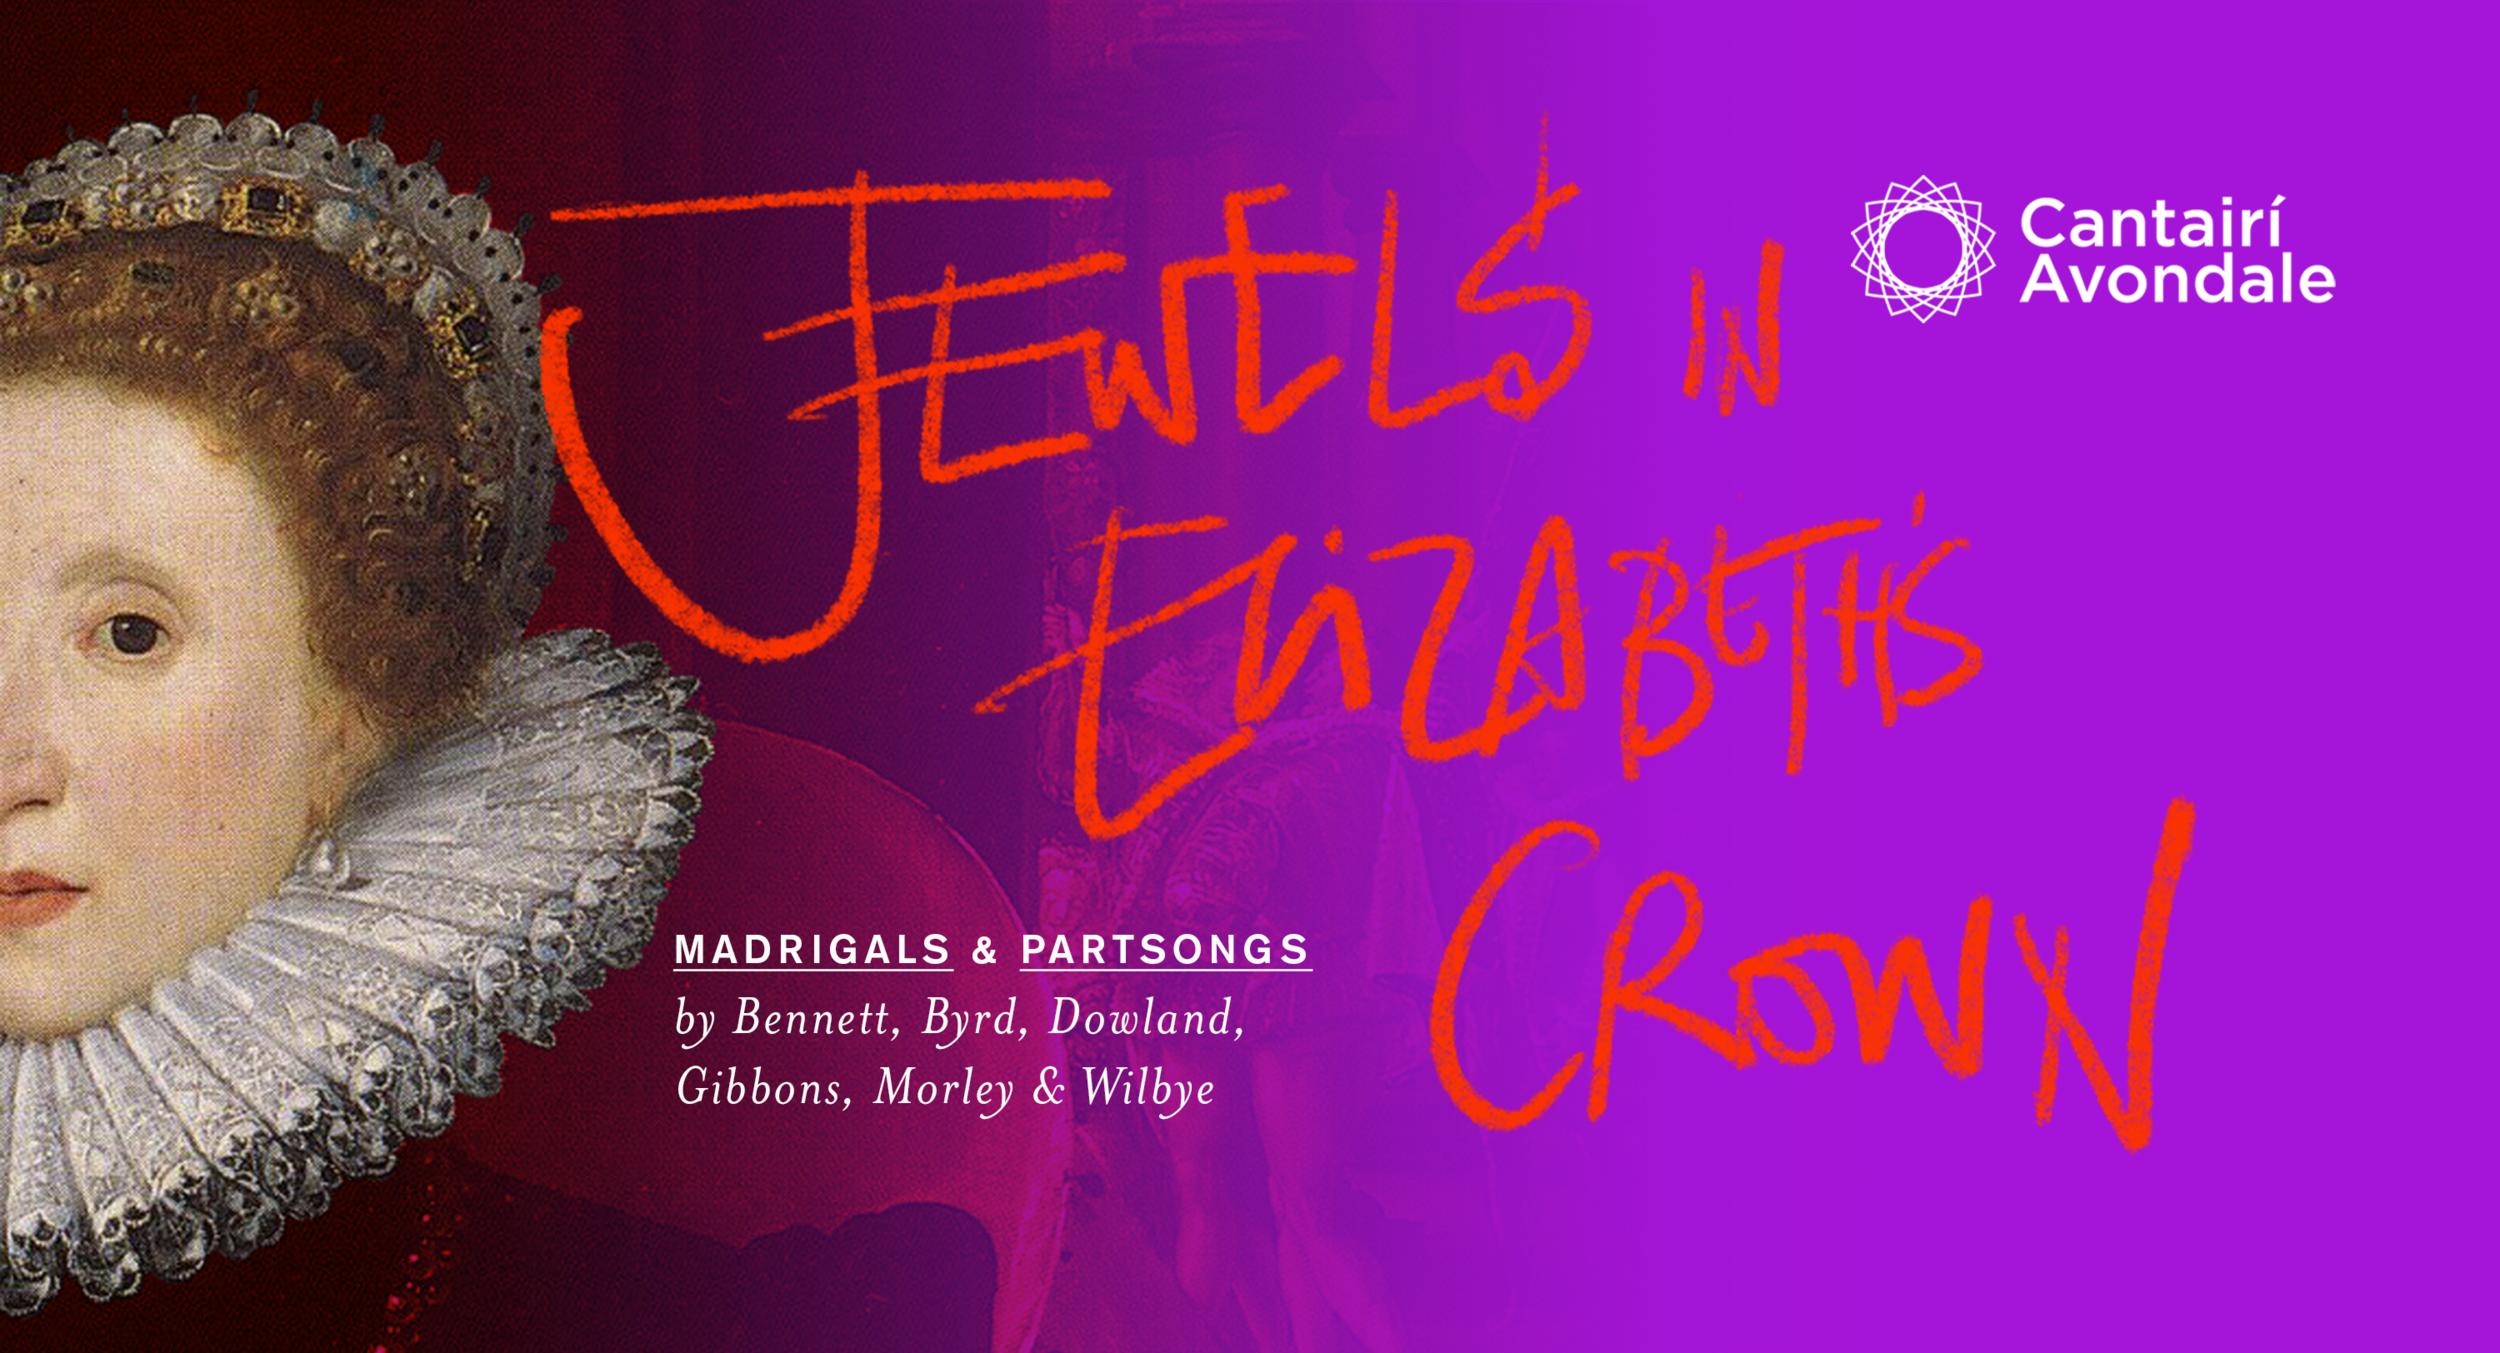 Jewels_CA_Event.png